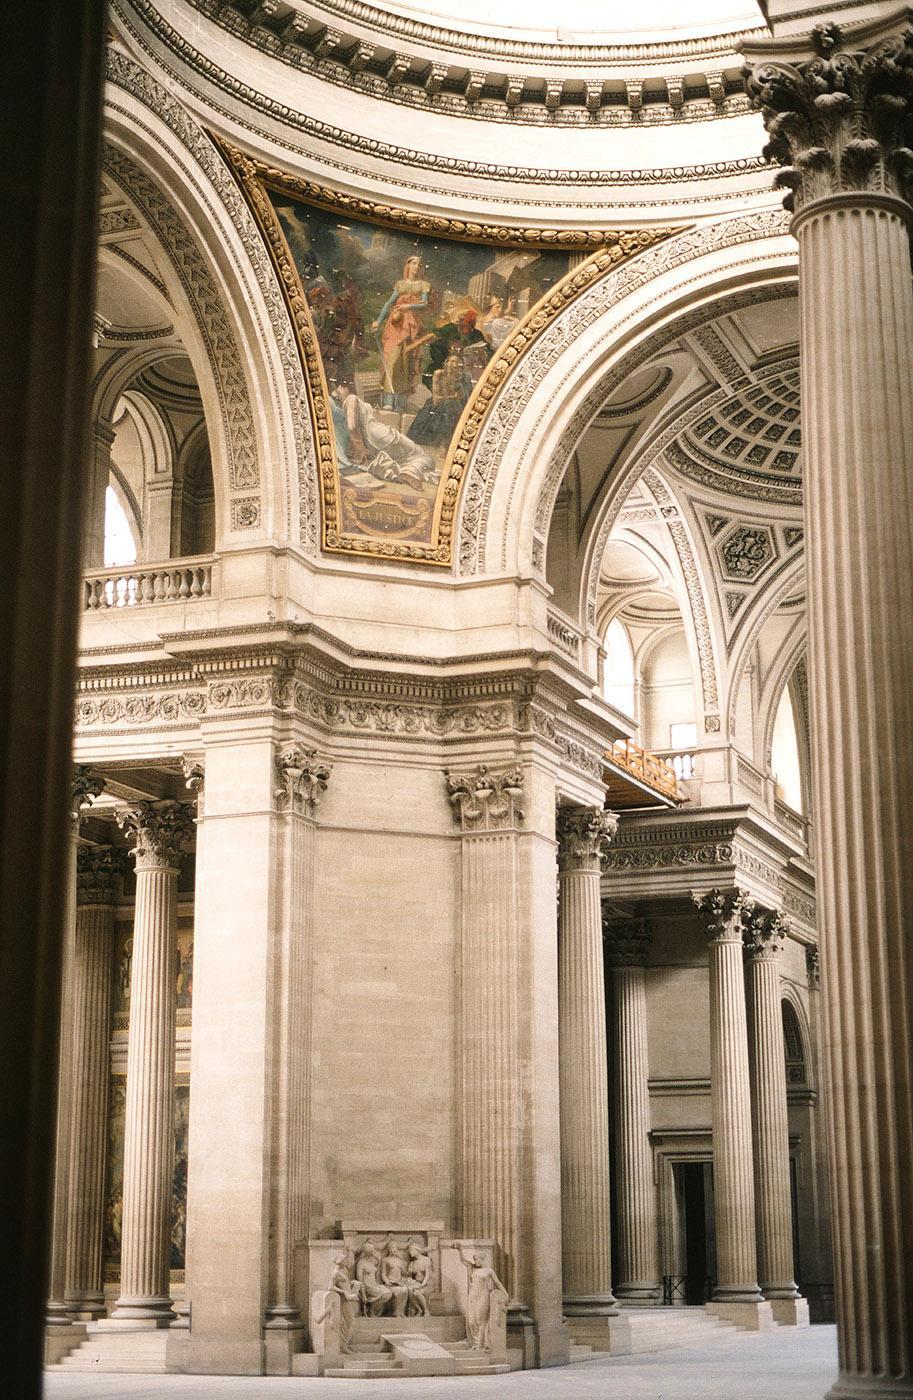 Das Panthéon von innen. Foto: Hilke Maunder